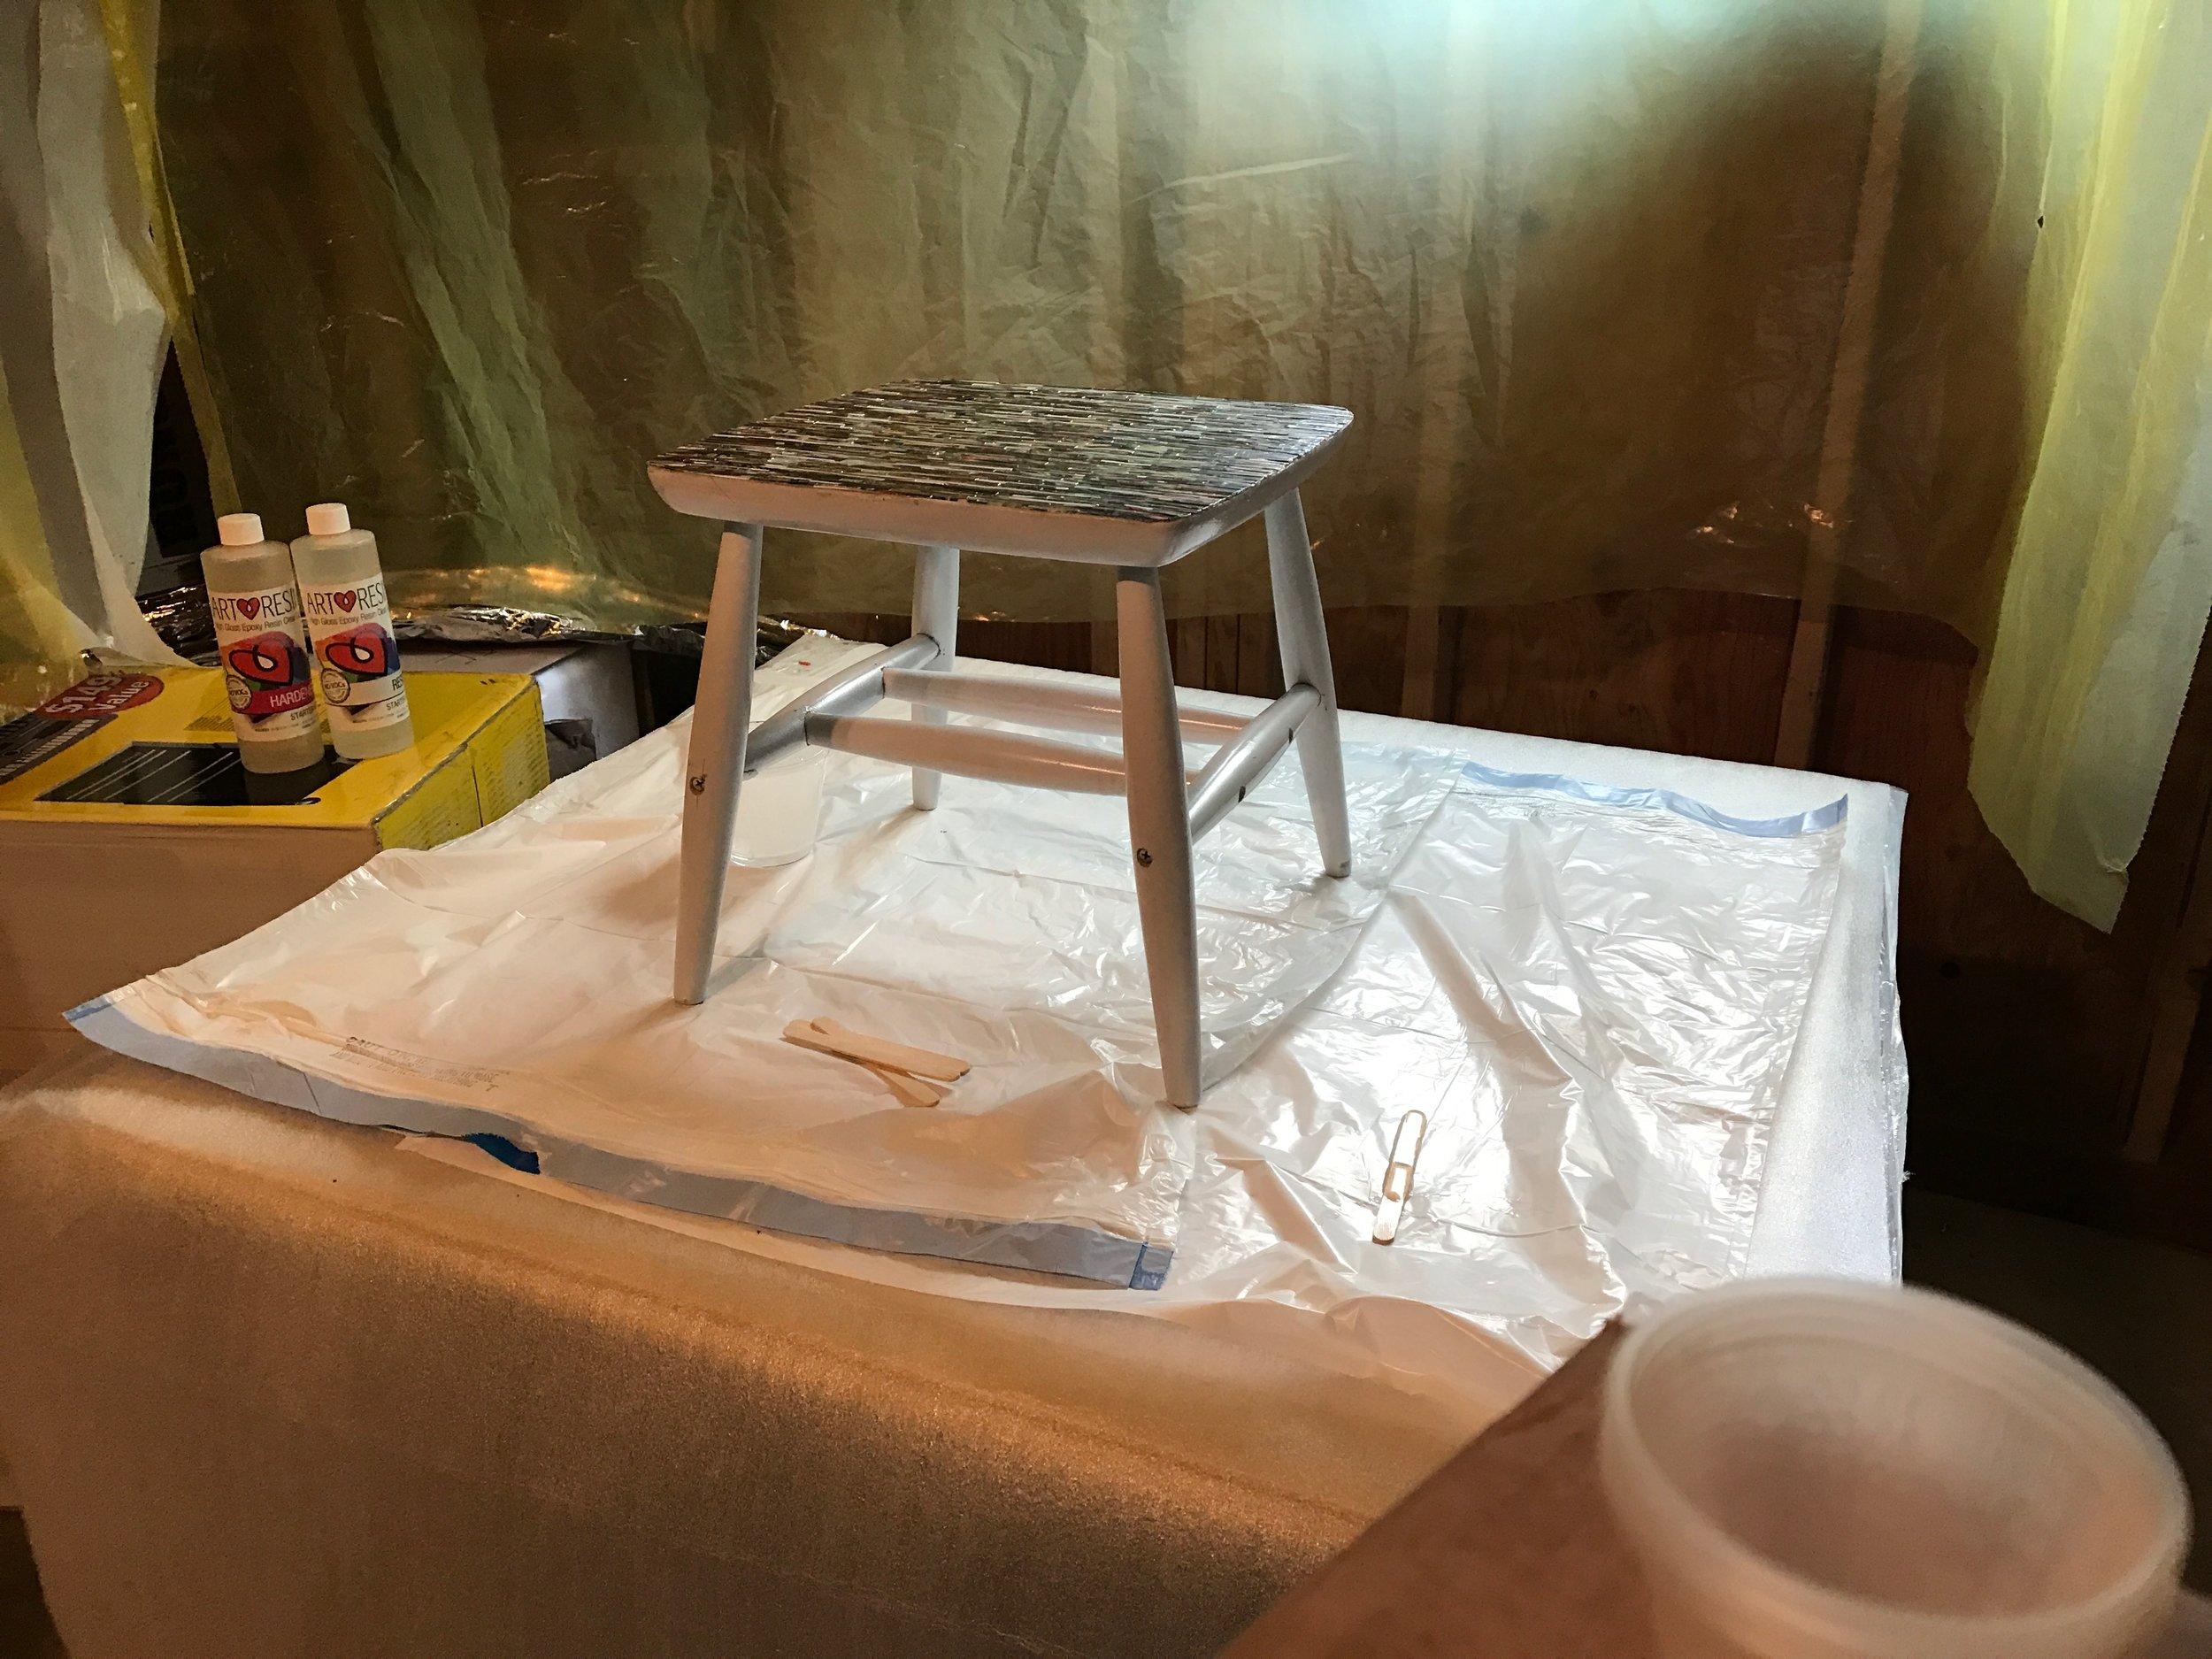 Garage prepared resin at hand, stir sticks!